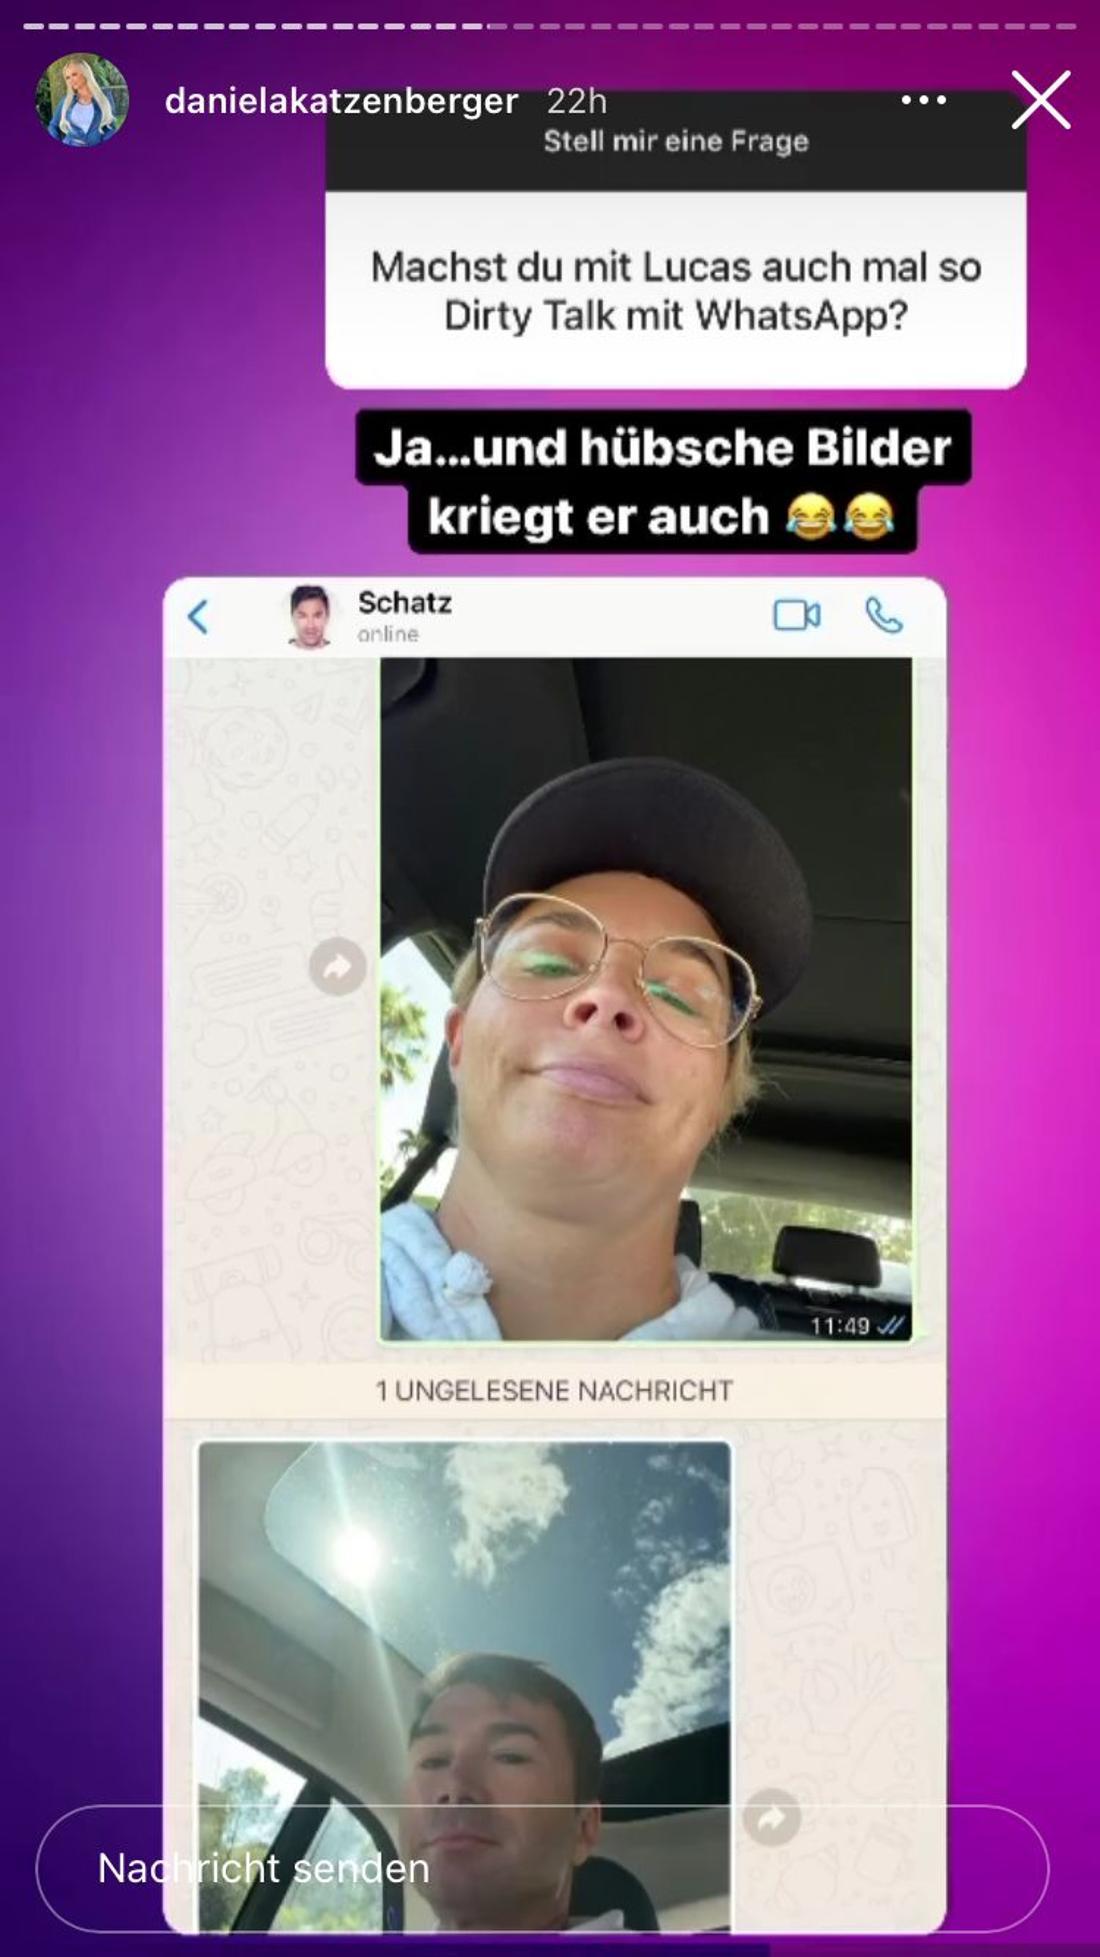 Instagram-Story von Daniela Katzenberger mit Selfie von Lucas Cordalis